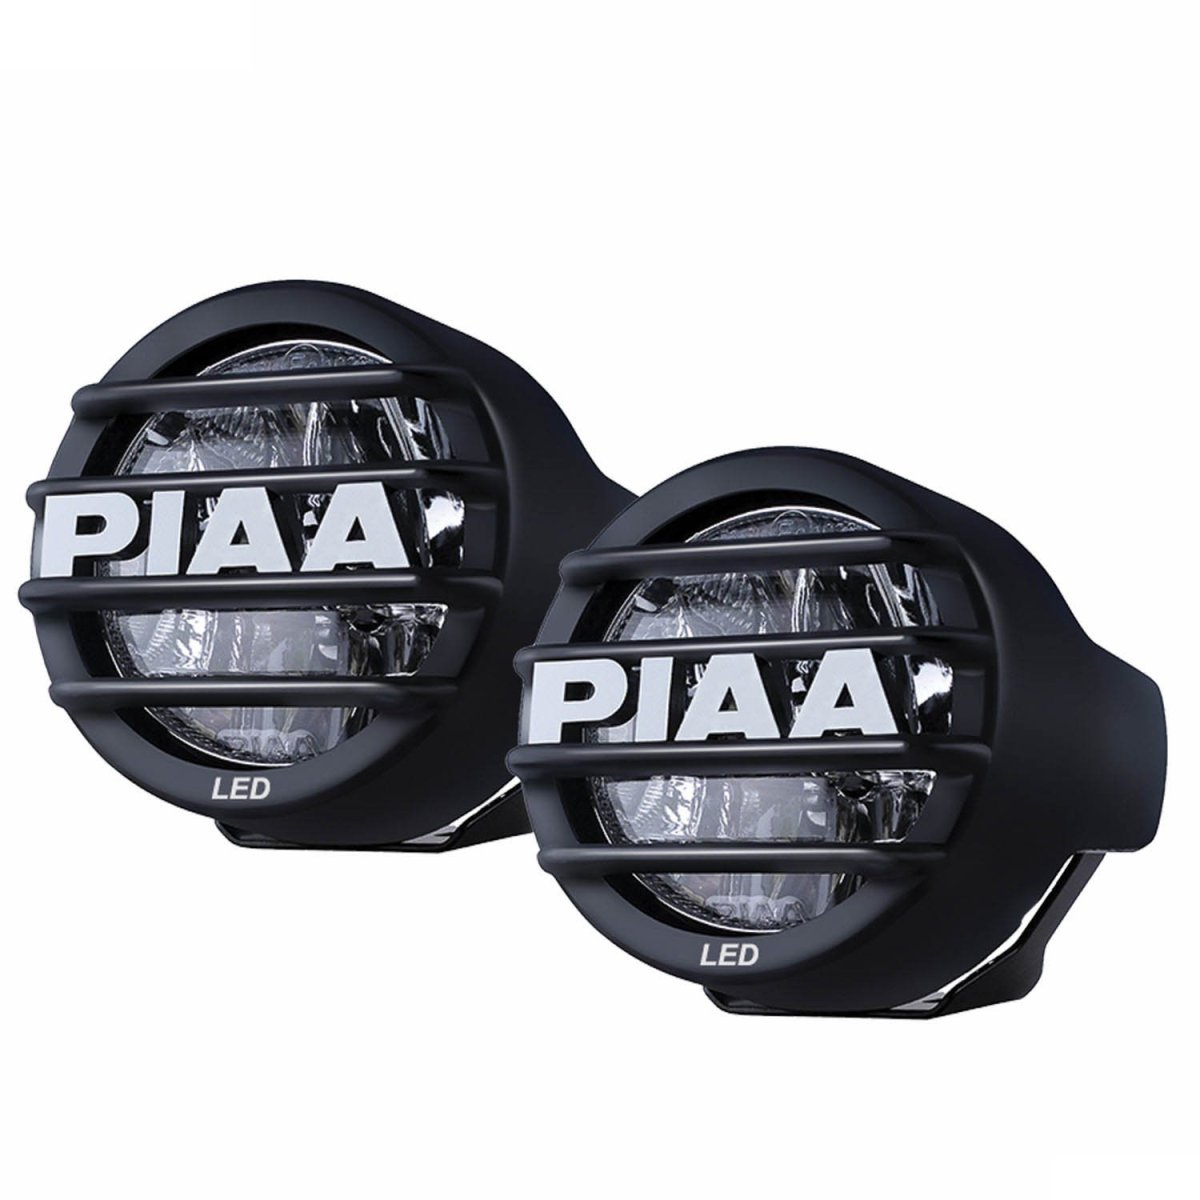 How to Install Fog Lights Piaa 5370 Black LED Fog Lamp Kit